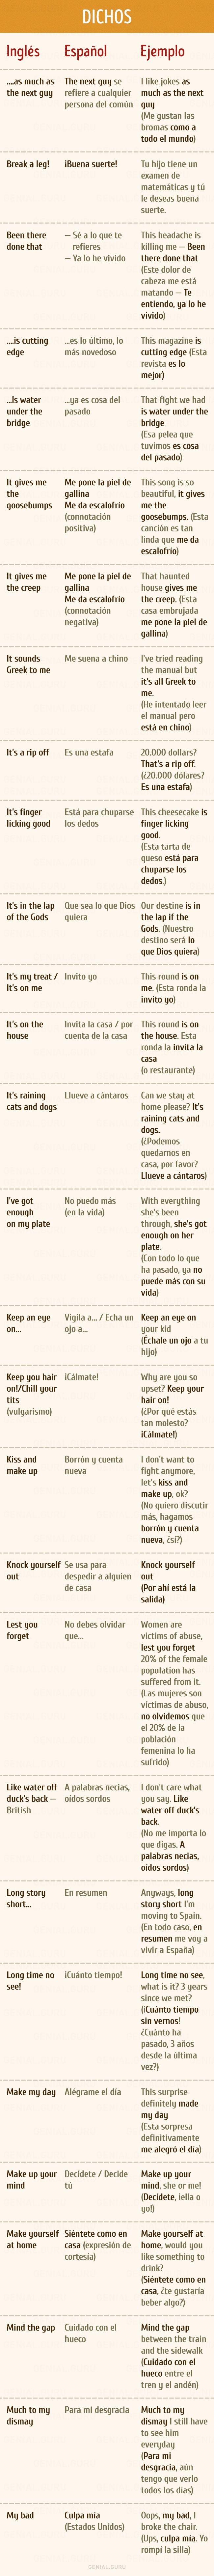 Expresiones coloquiales para hablar inglés al natural - Info - Taringa!